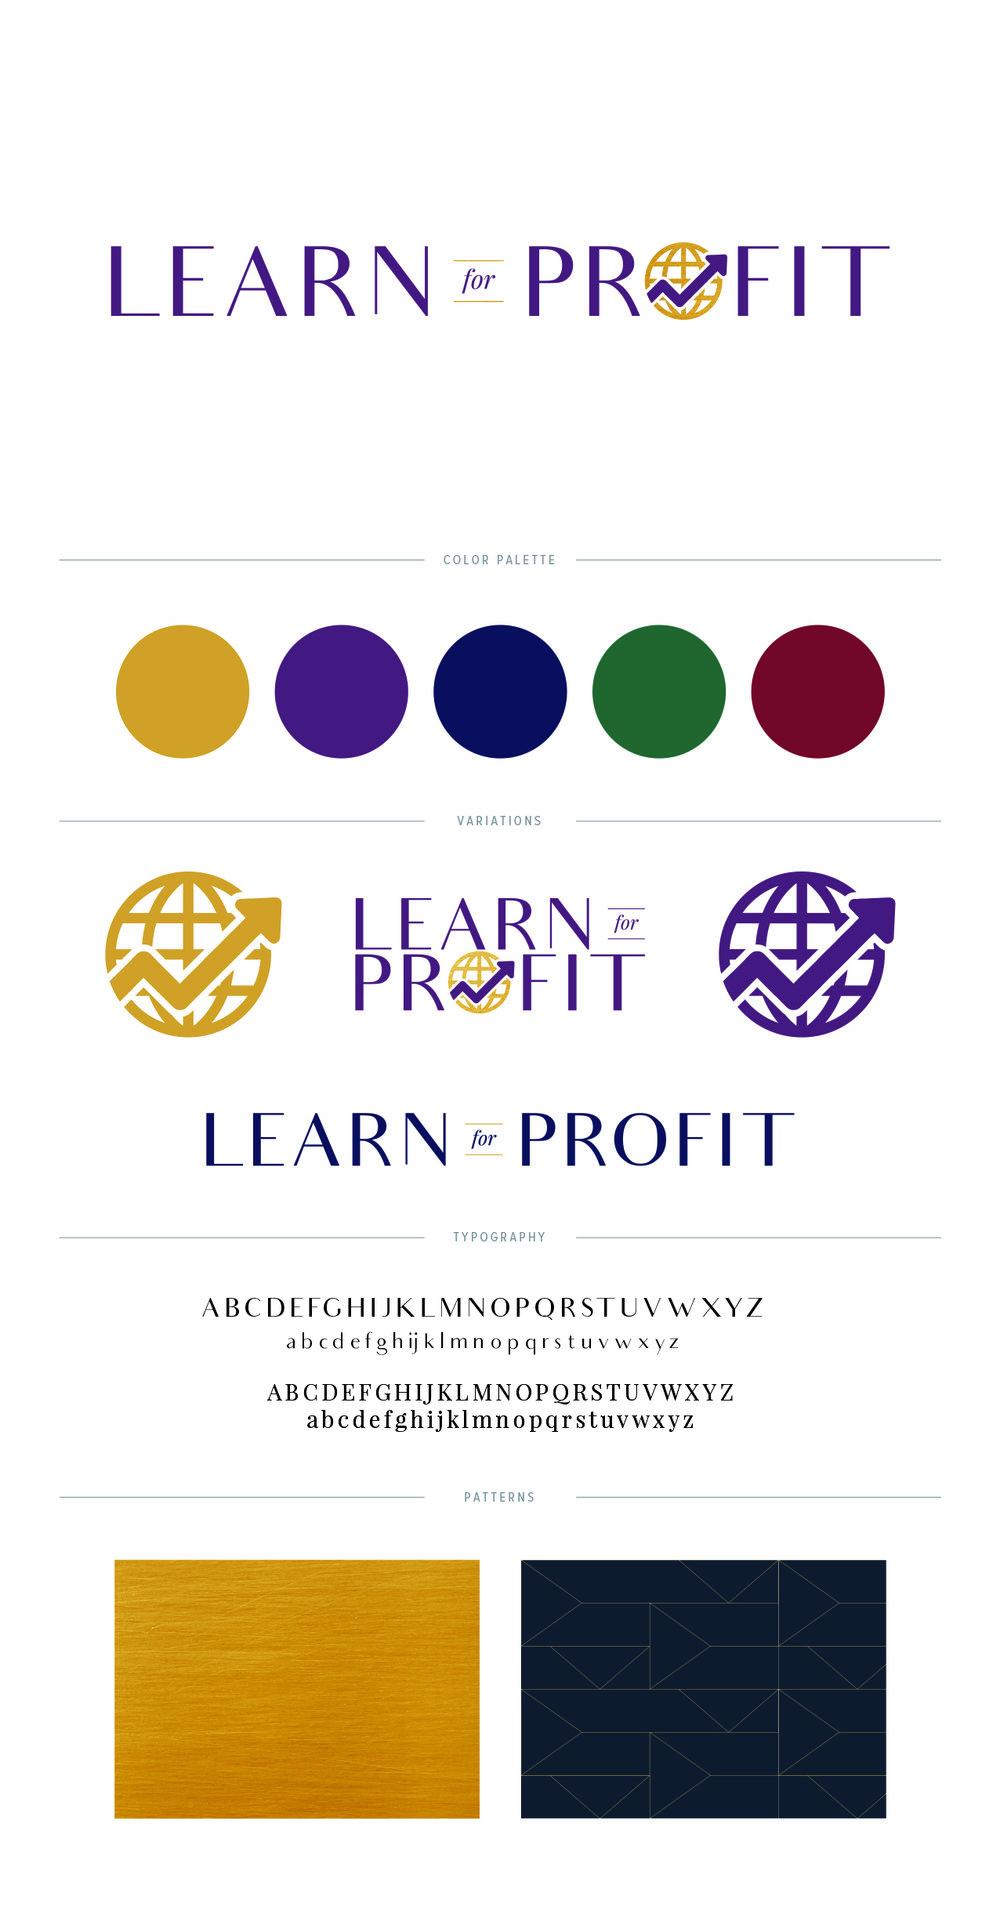 LearnForProfit_Final.jpg